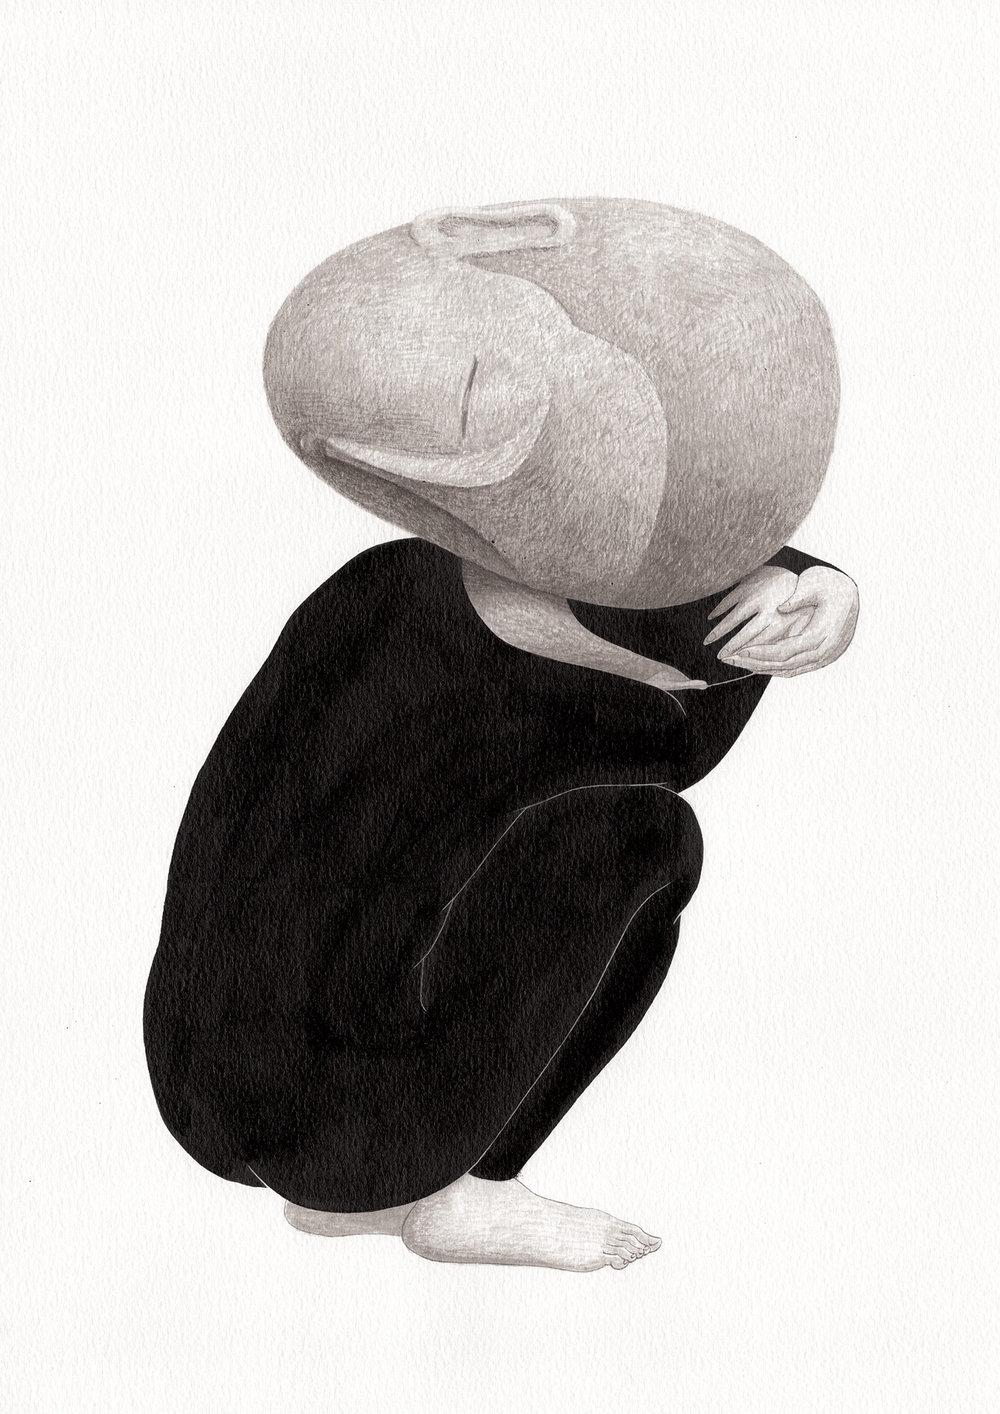 기억의 무게 / Weight of memories Op.0189P -29.7 x 42 cm,종이에 잉크 / Ink on paper, 2017 inspired by the sculpture, 'Femme accroupie' by Claudel Camille